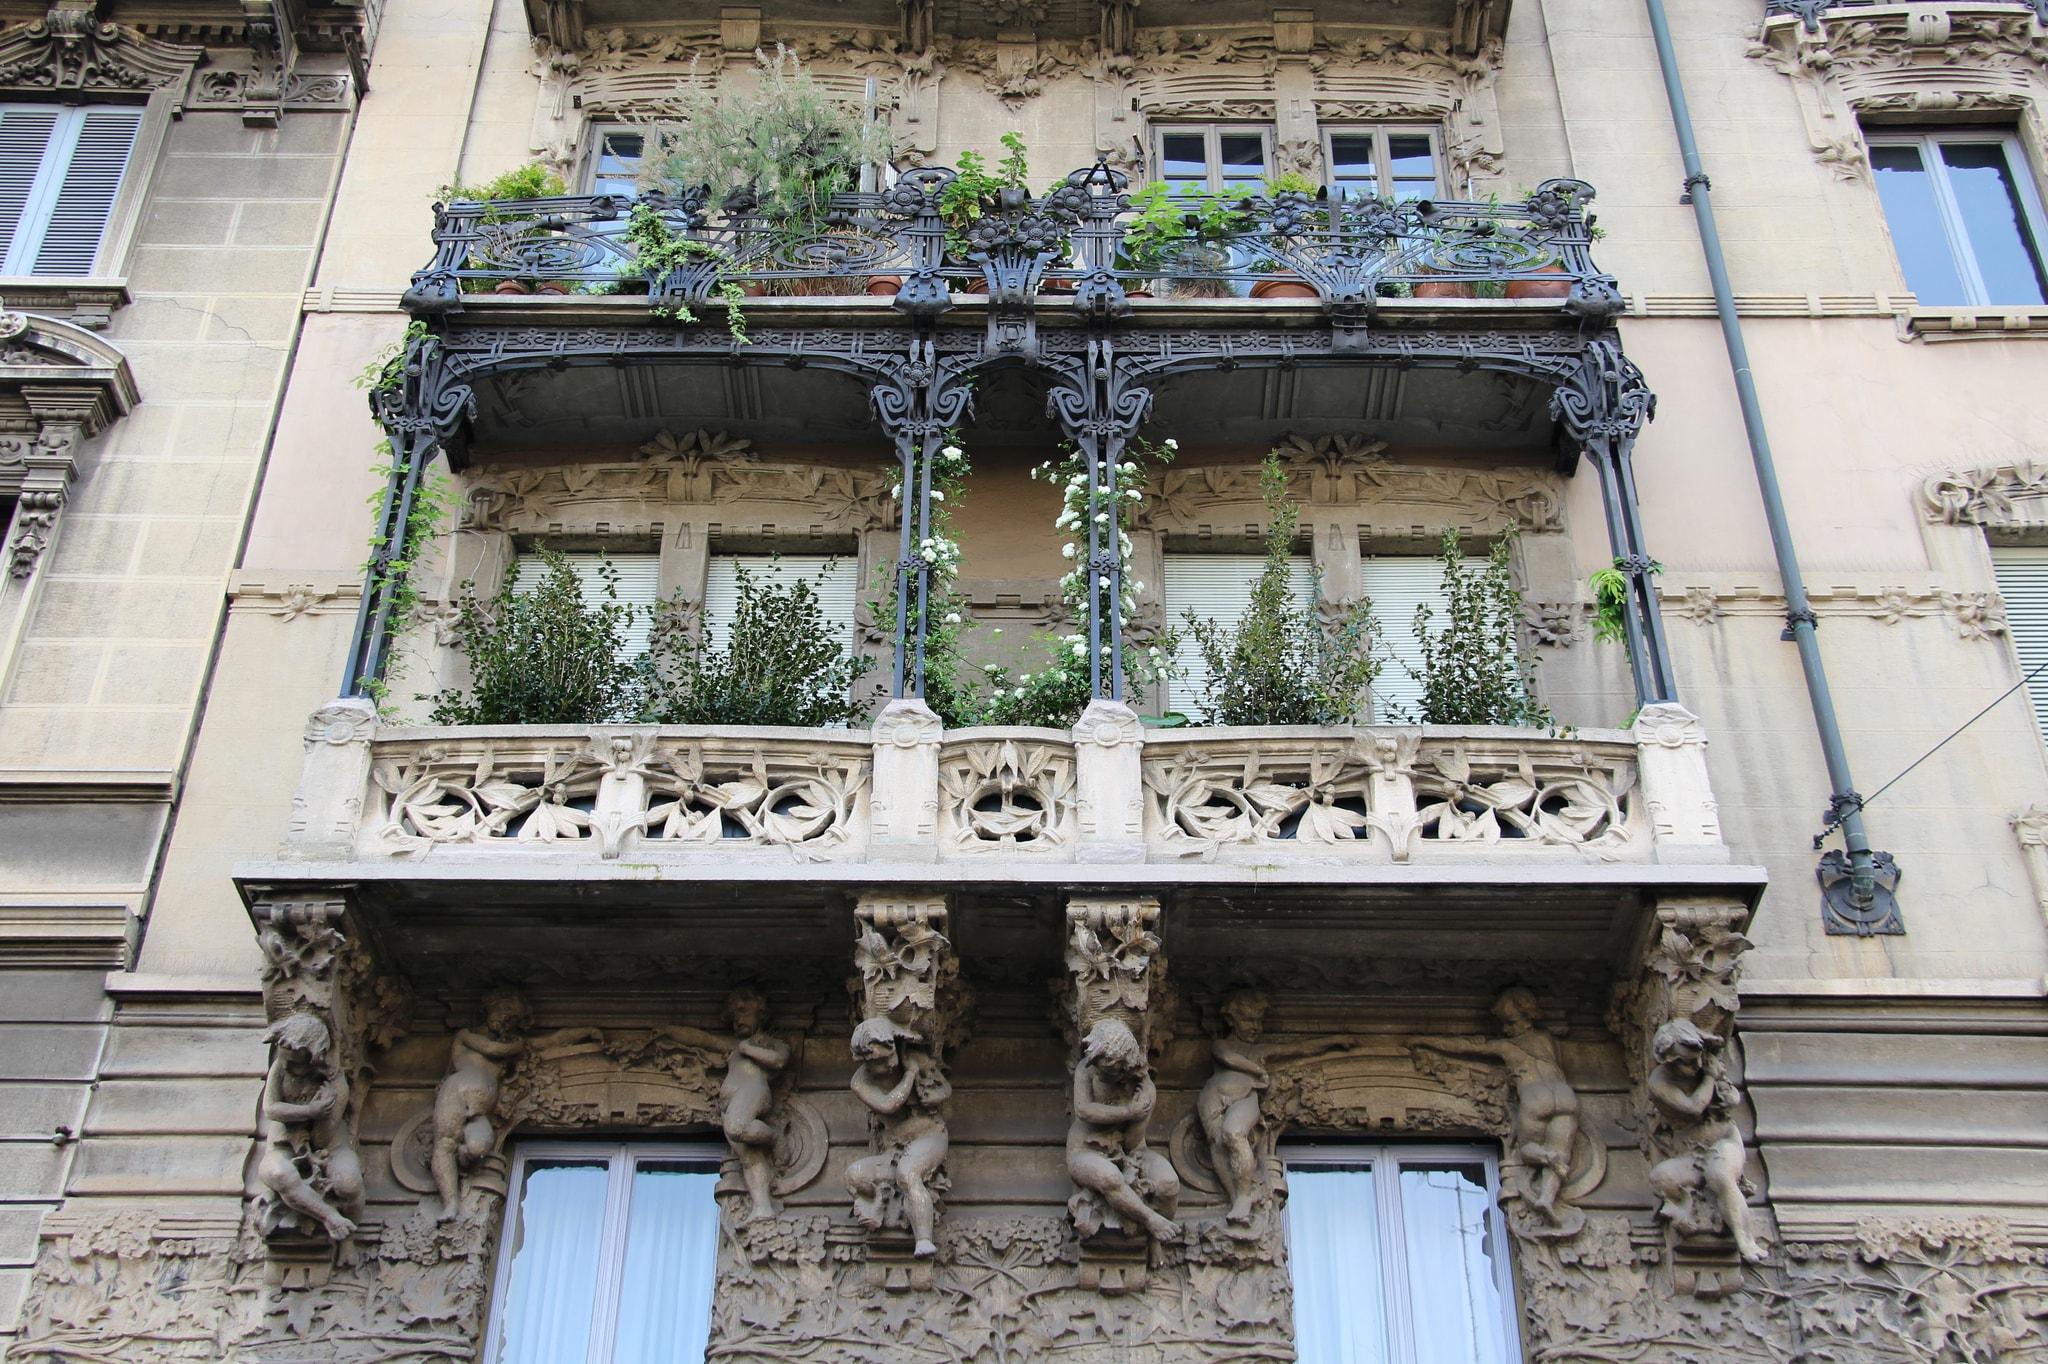 Art Nouveau architecture in Porta Venezia | © Fred Romero/Flickr